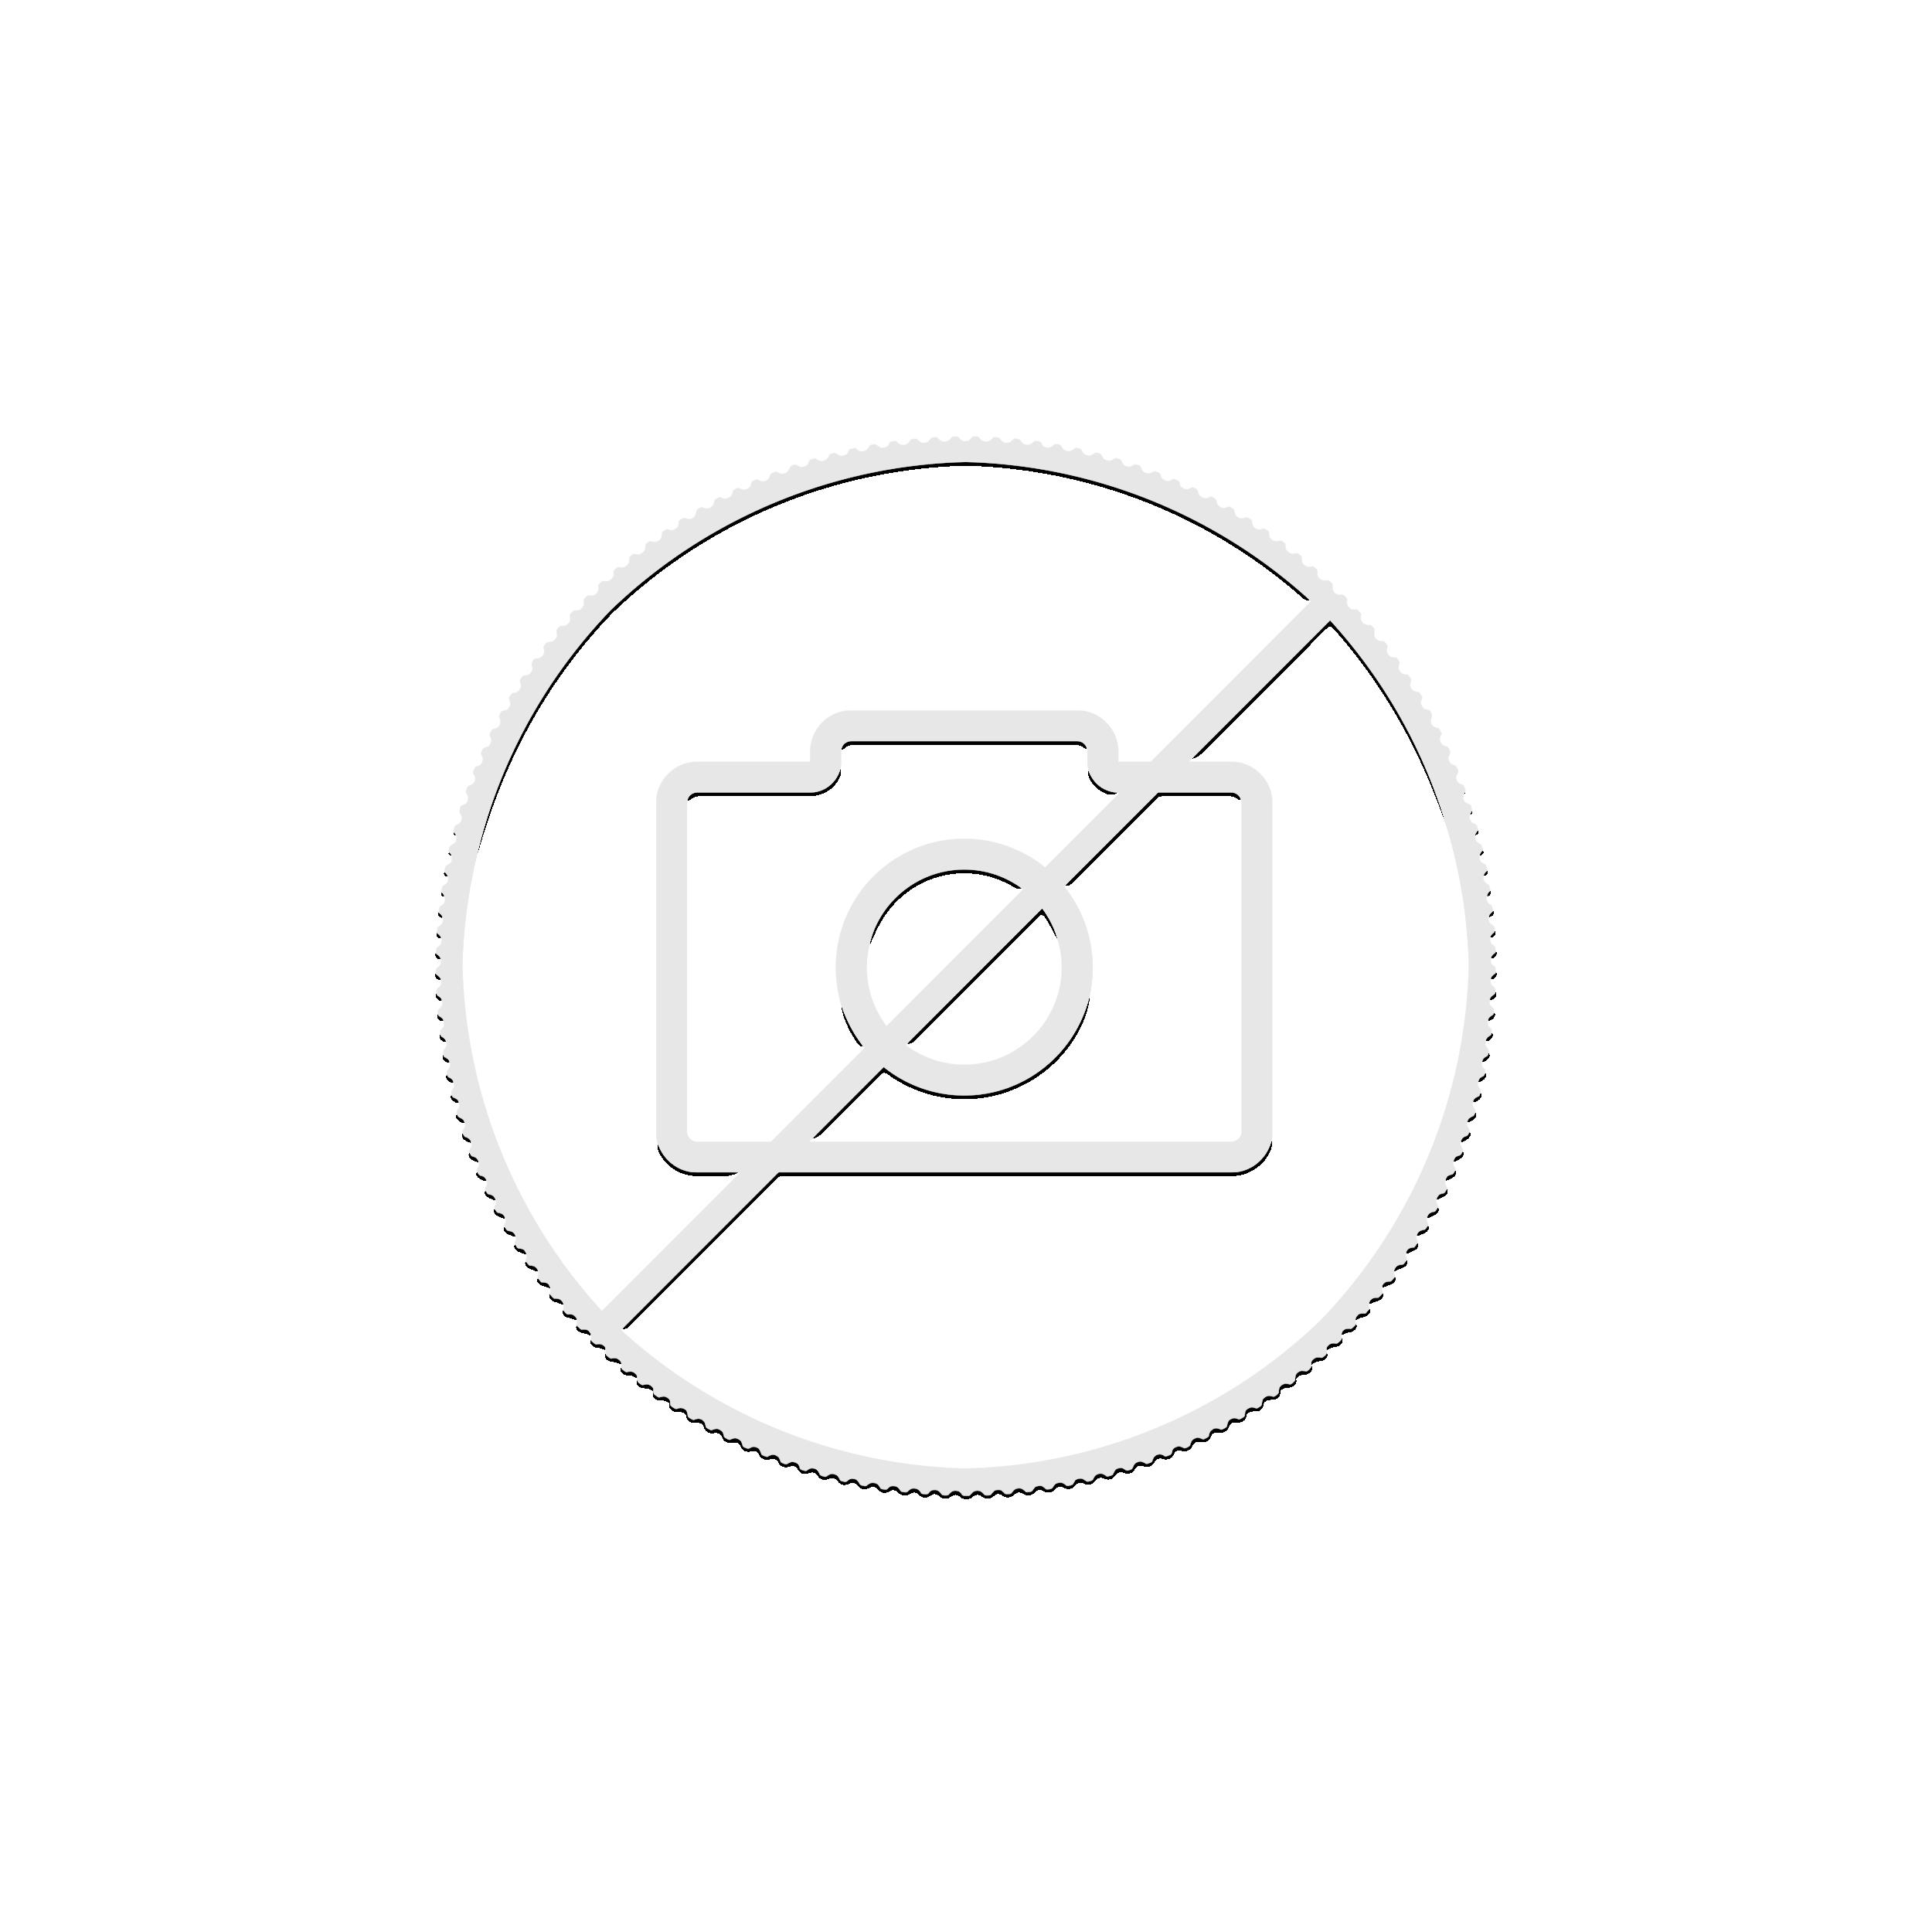 1 Troy ounce Platinum Philharmonic coin 2019